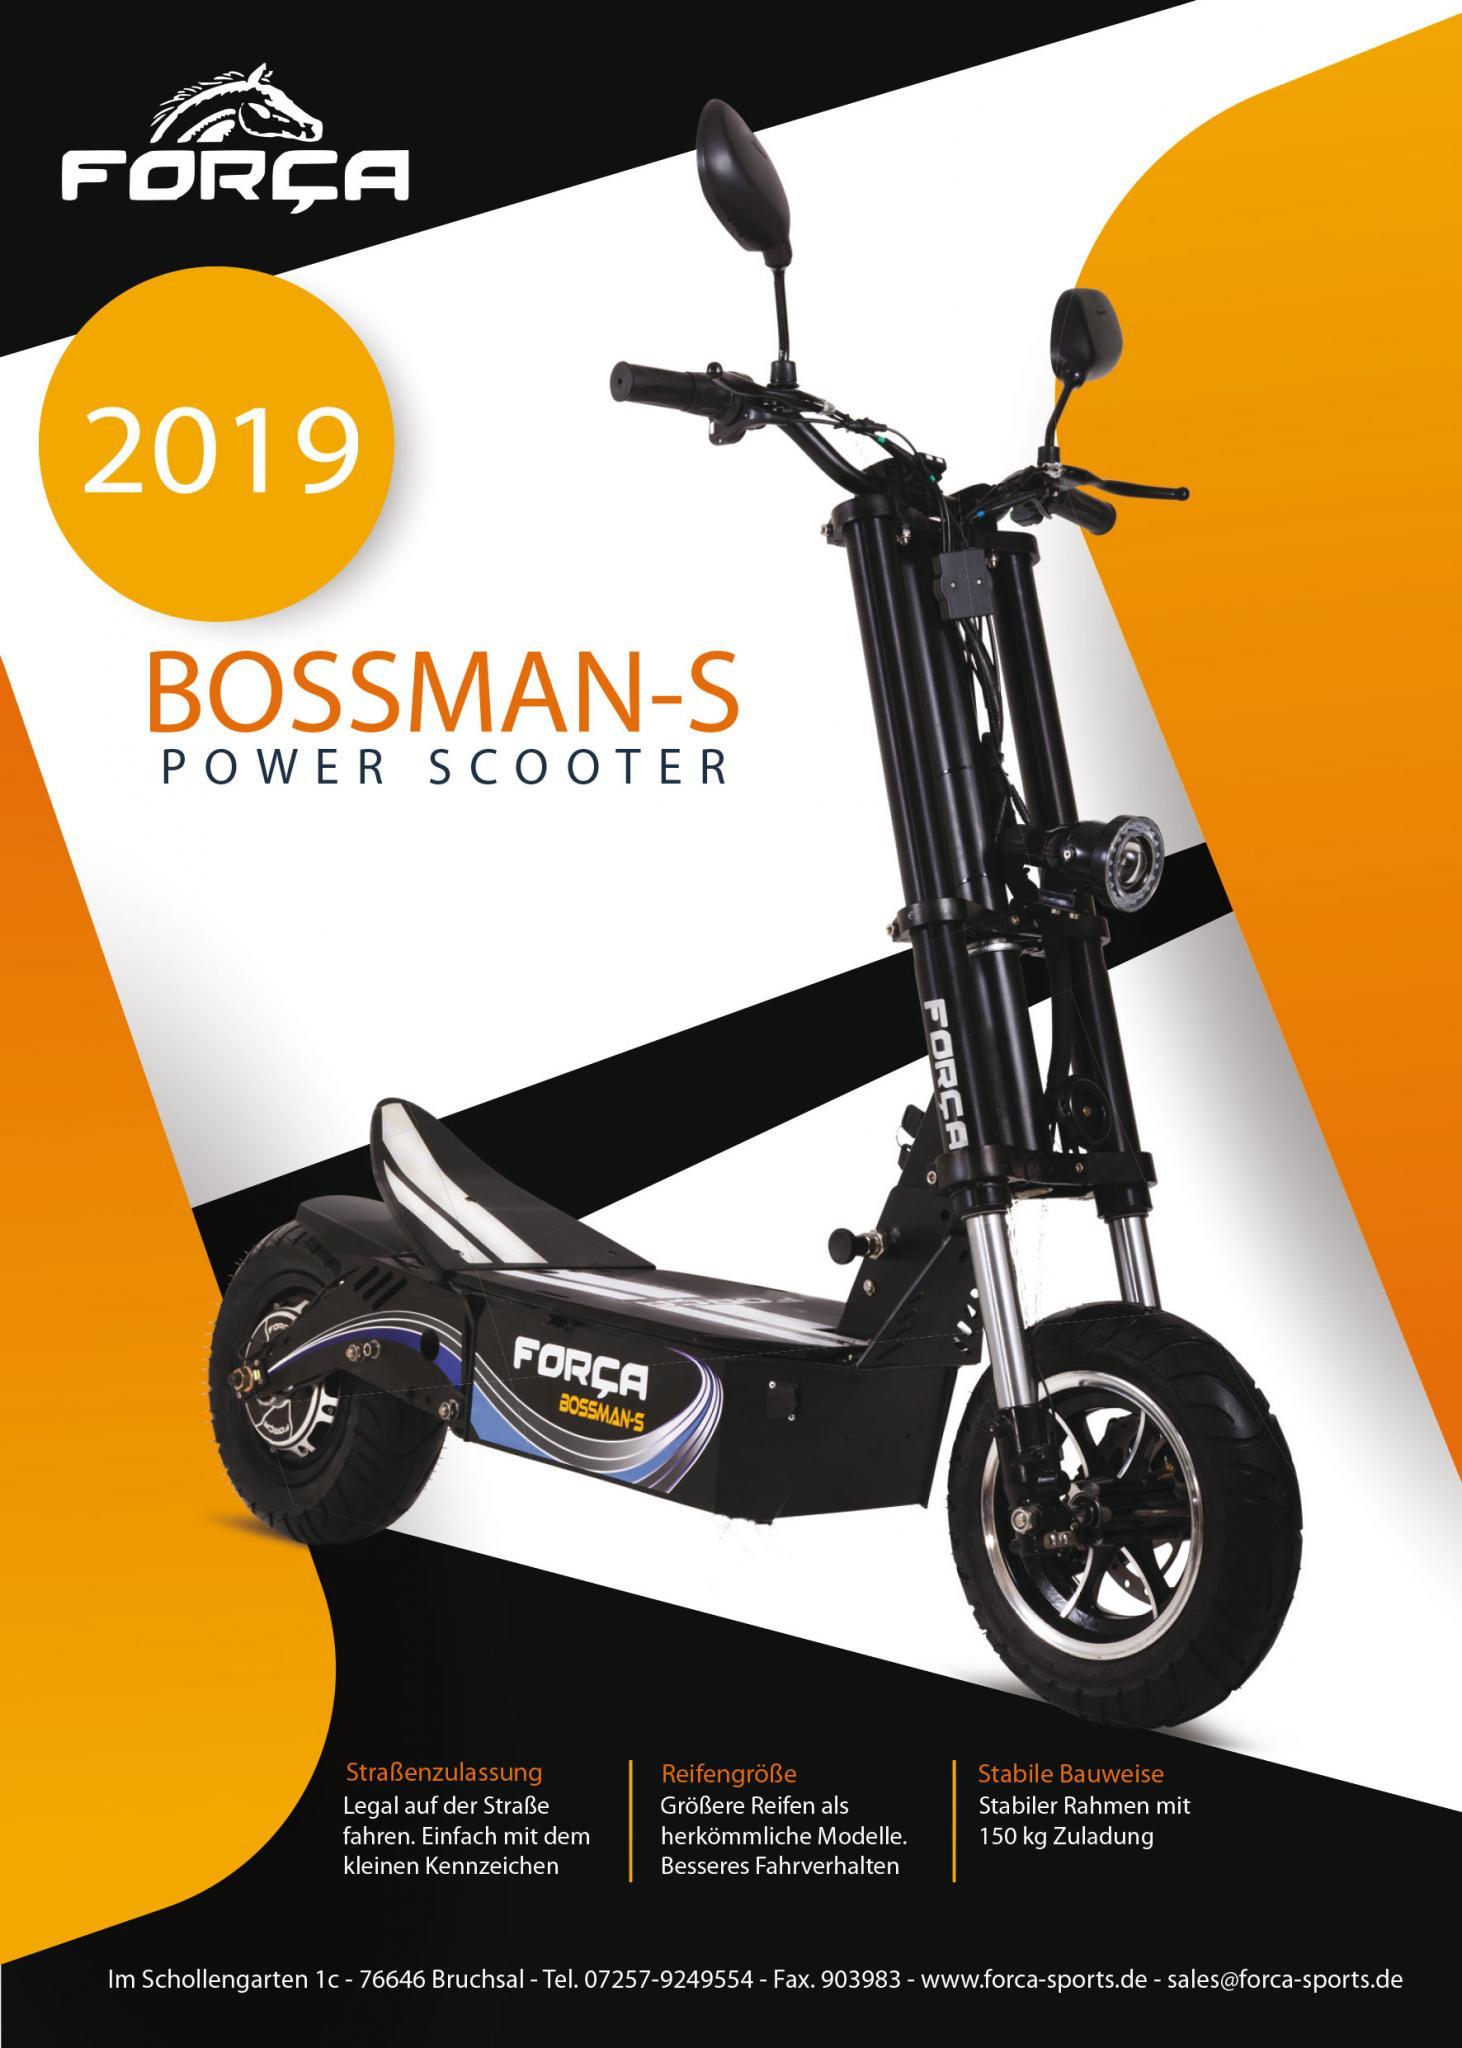 03 2019 Bossman S Flyer 1 - Bossman-S II